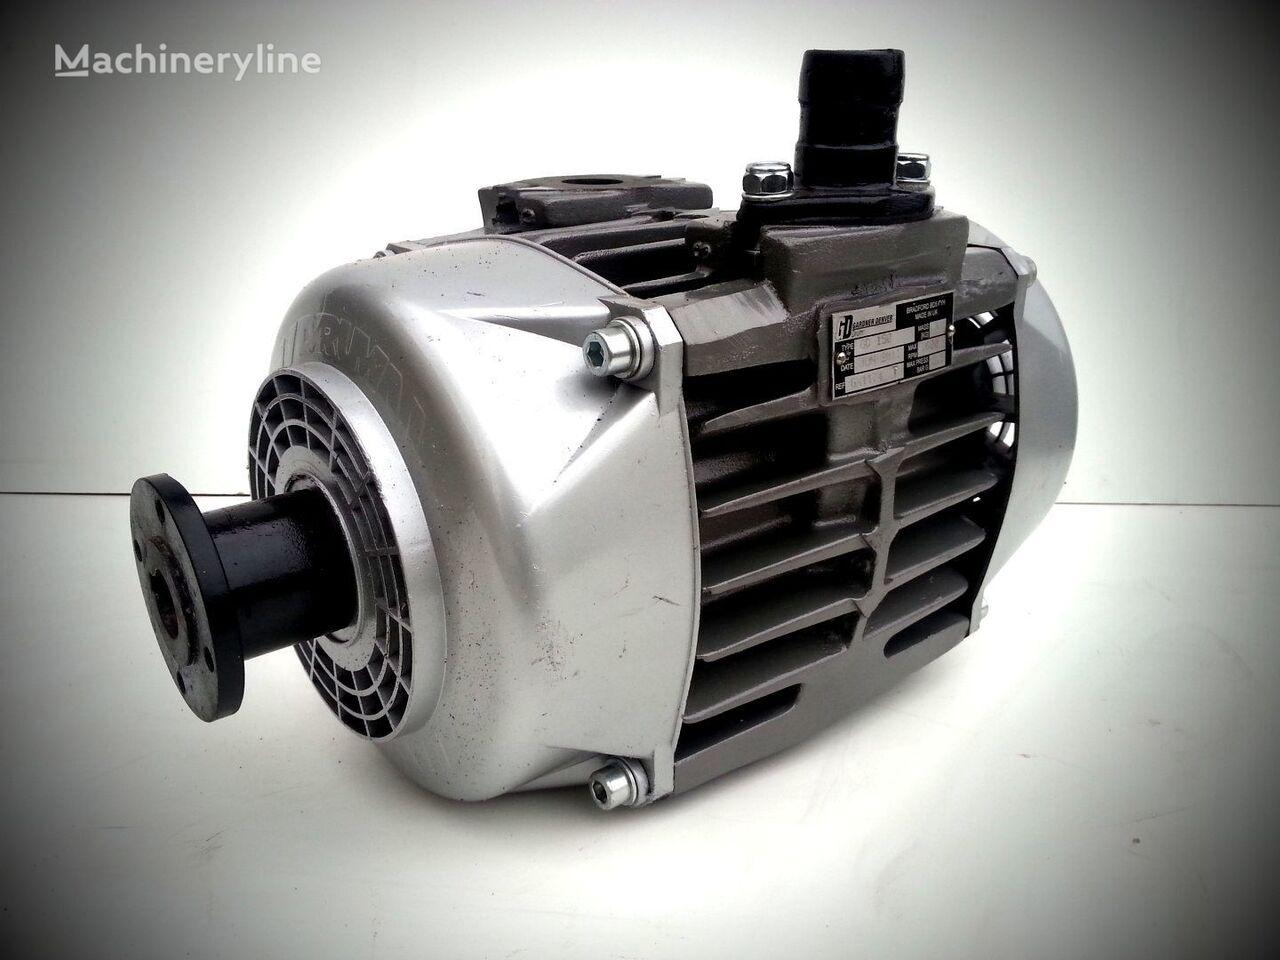 DRUM GARDNER DENVER DG J150 pneumatic compressor for other generator